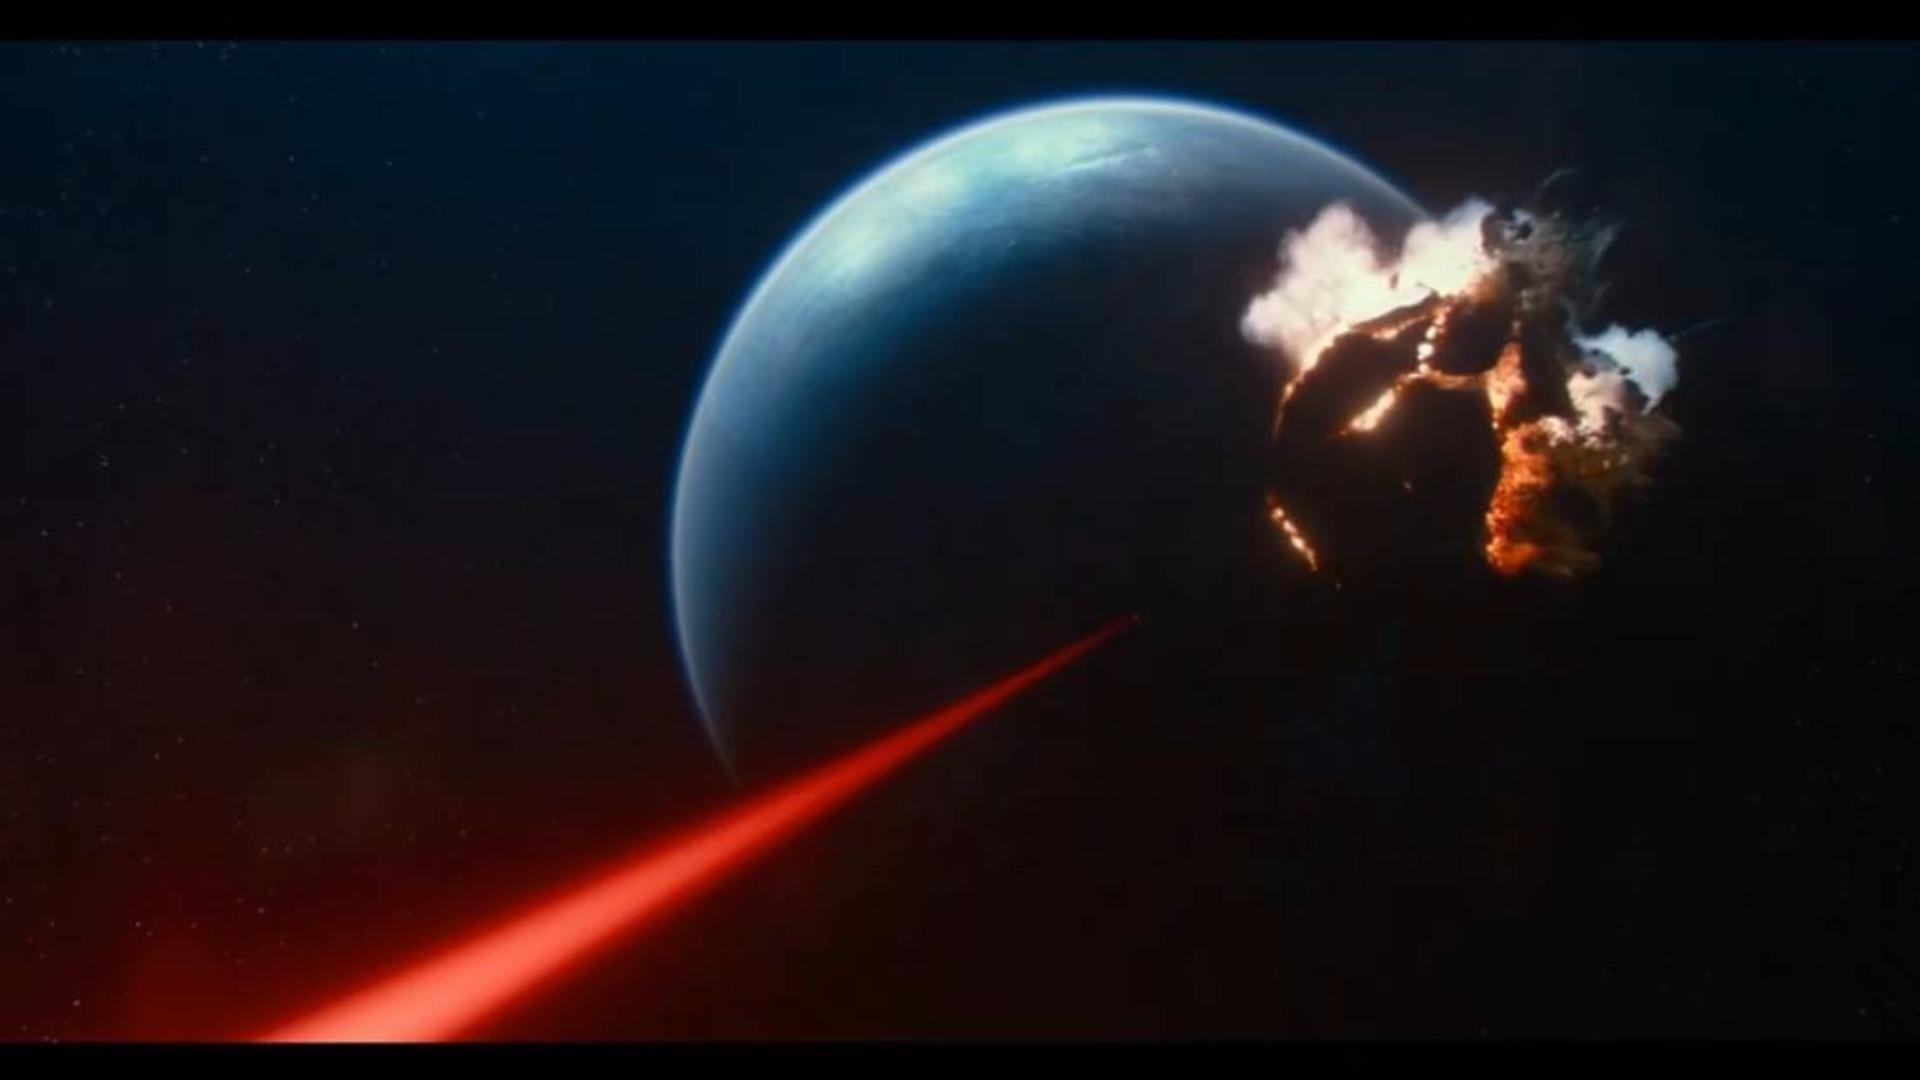 【科幻影视合集】一发歼星!经典科幻电影中那些星球毁灭镜头!